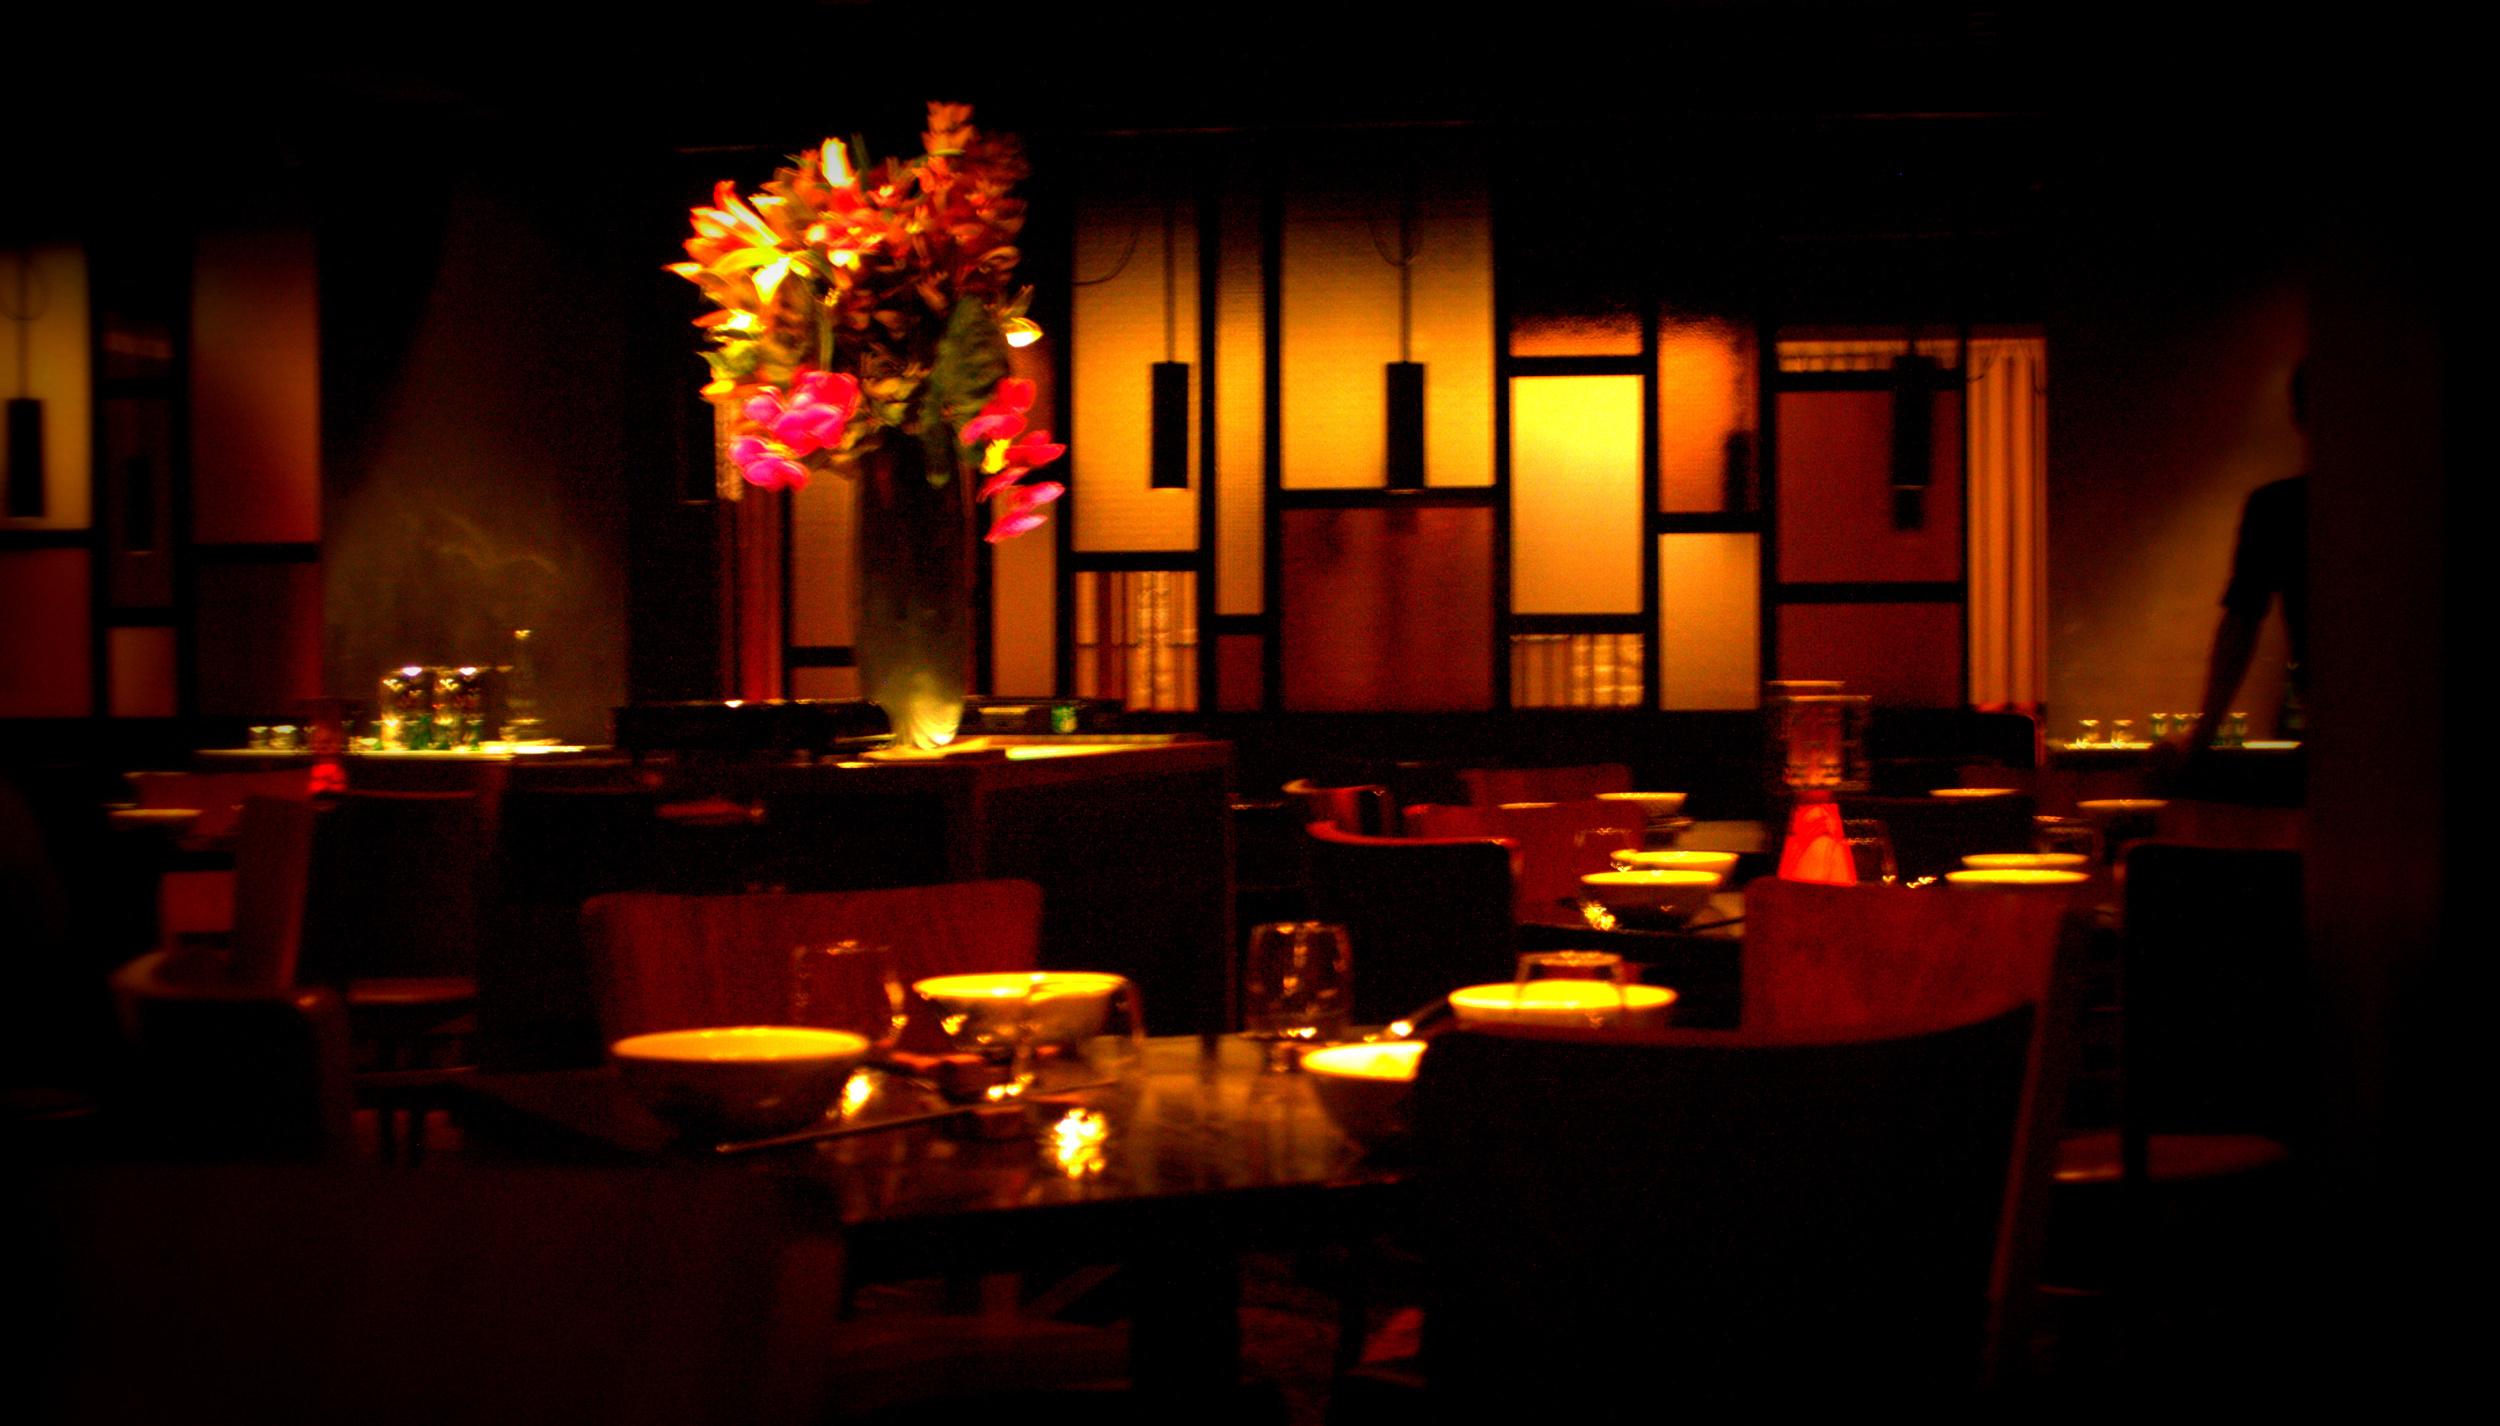 Dark lit Restaurant (2013)